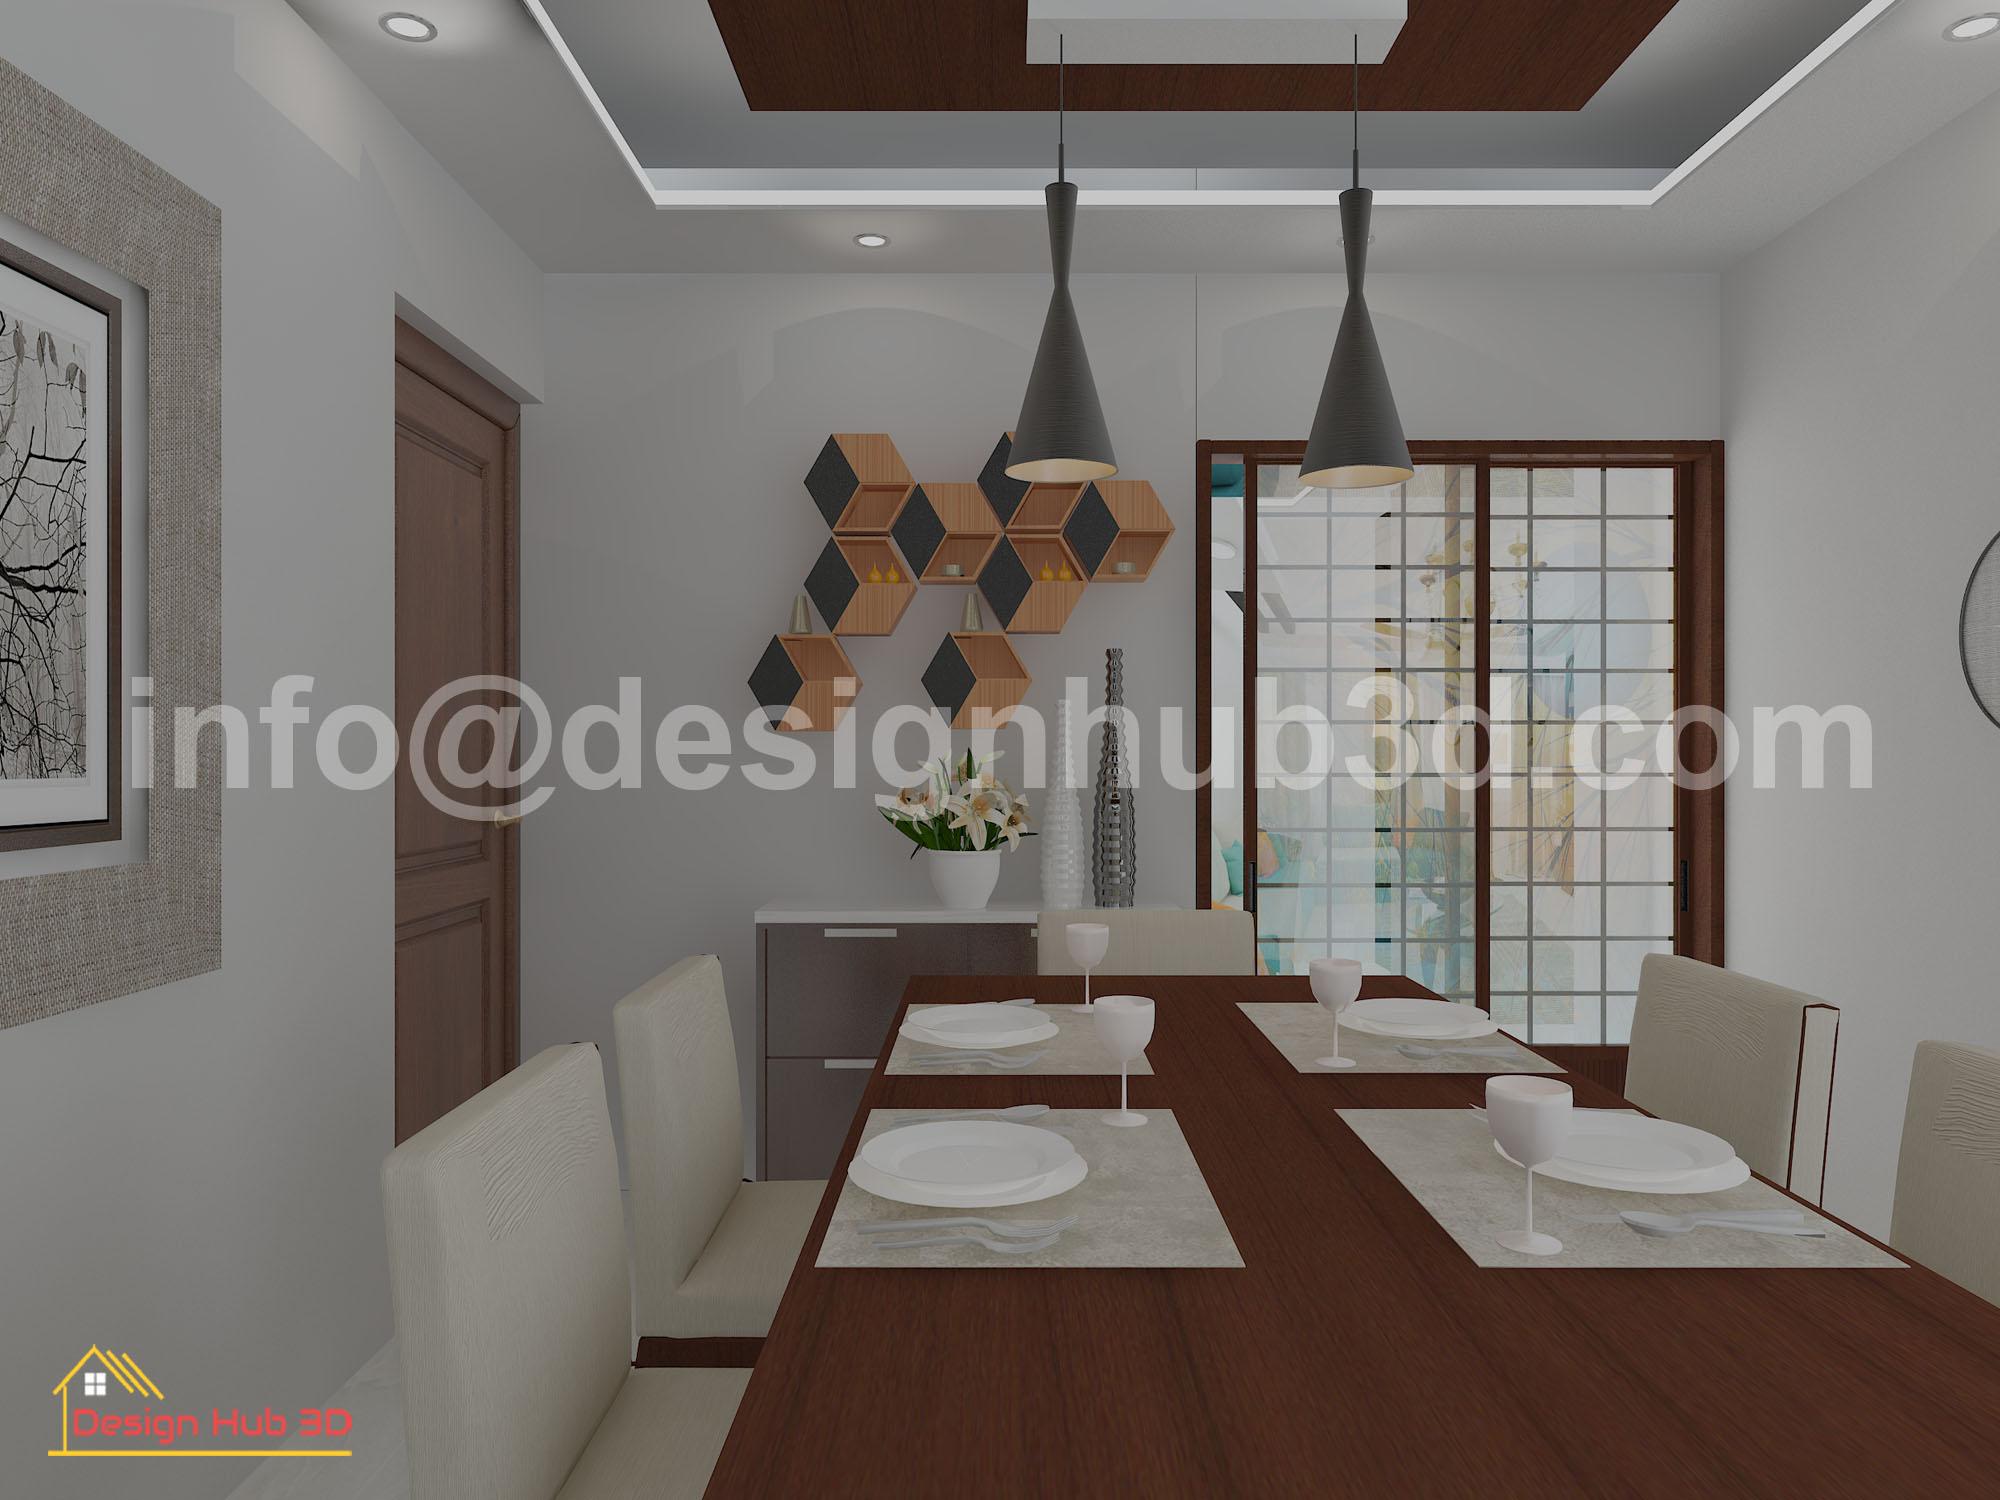 DesignHub 3D-Dining room interior, Dining Interior, Dining Decoration, Interior Design